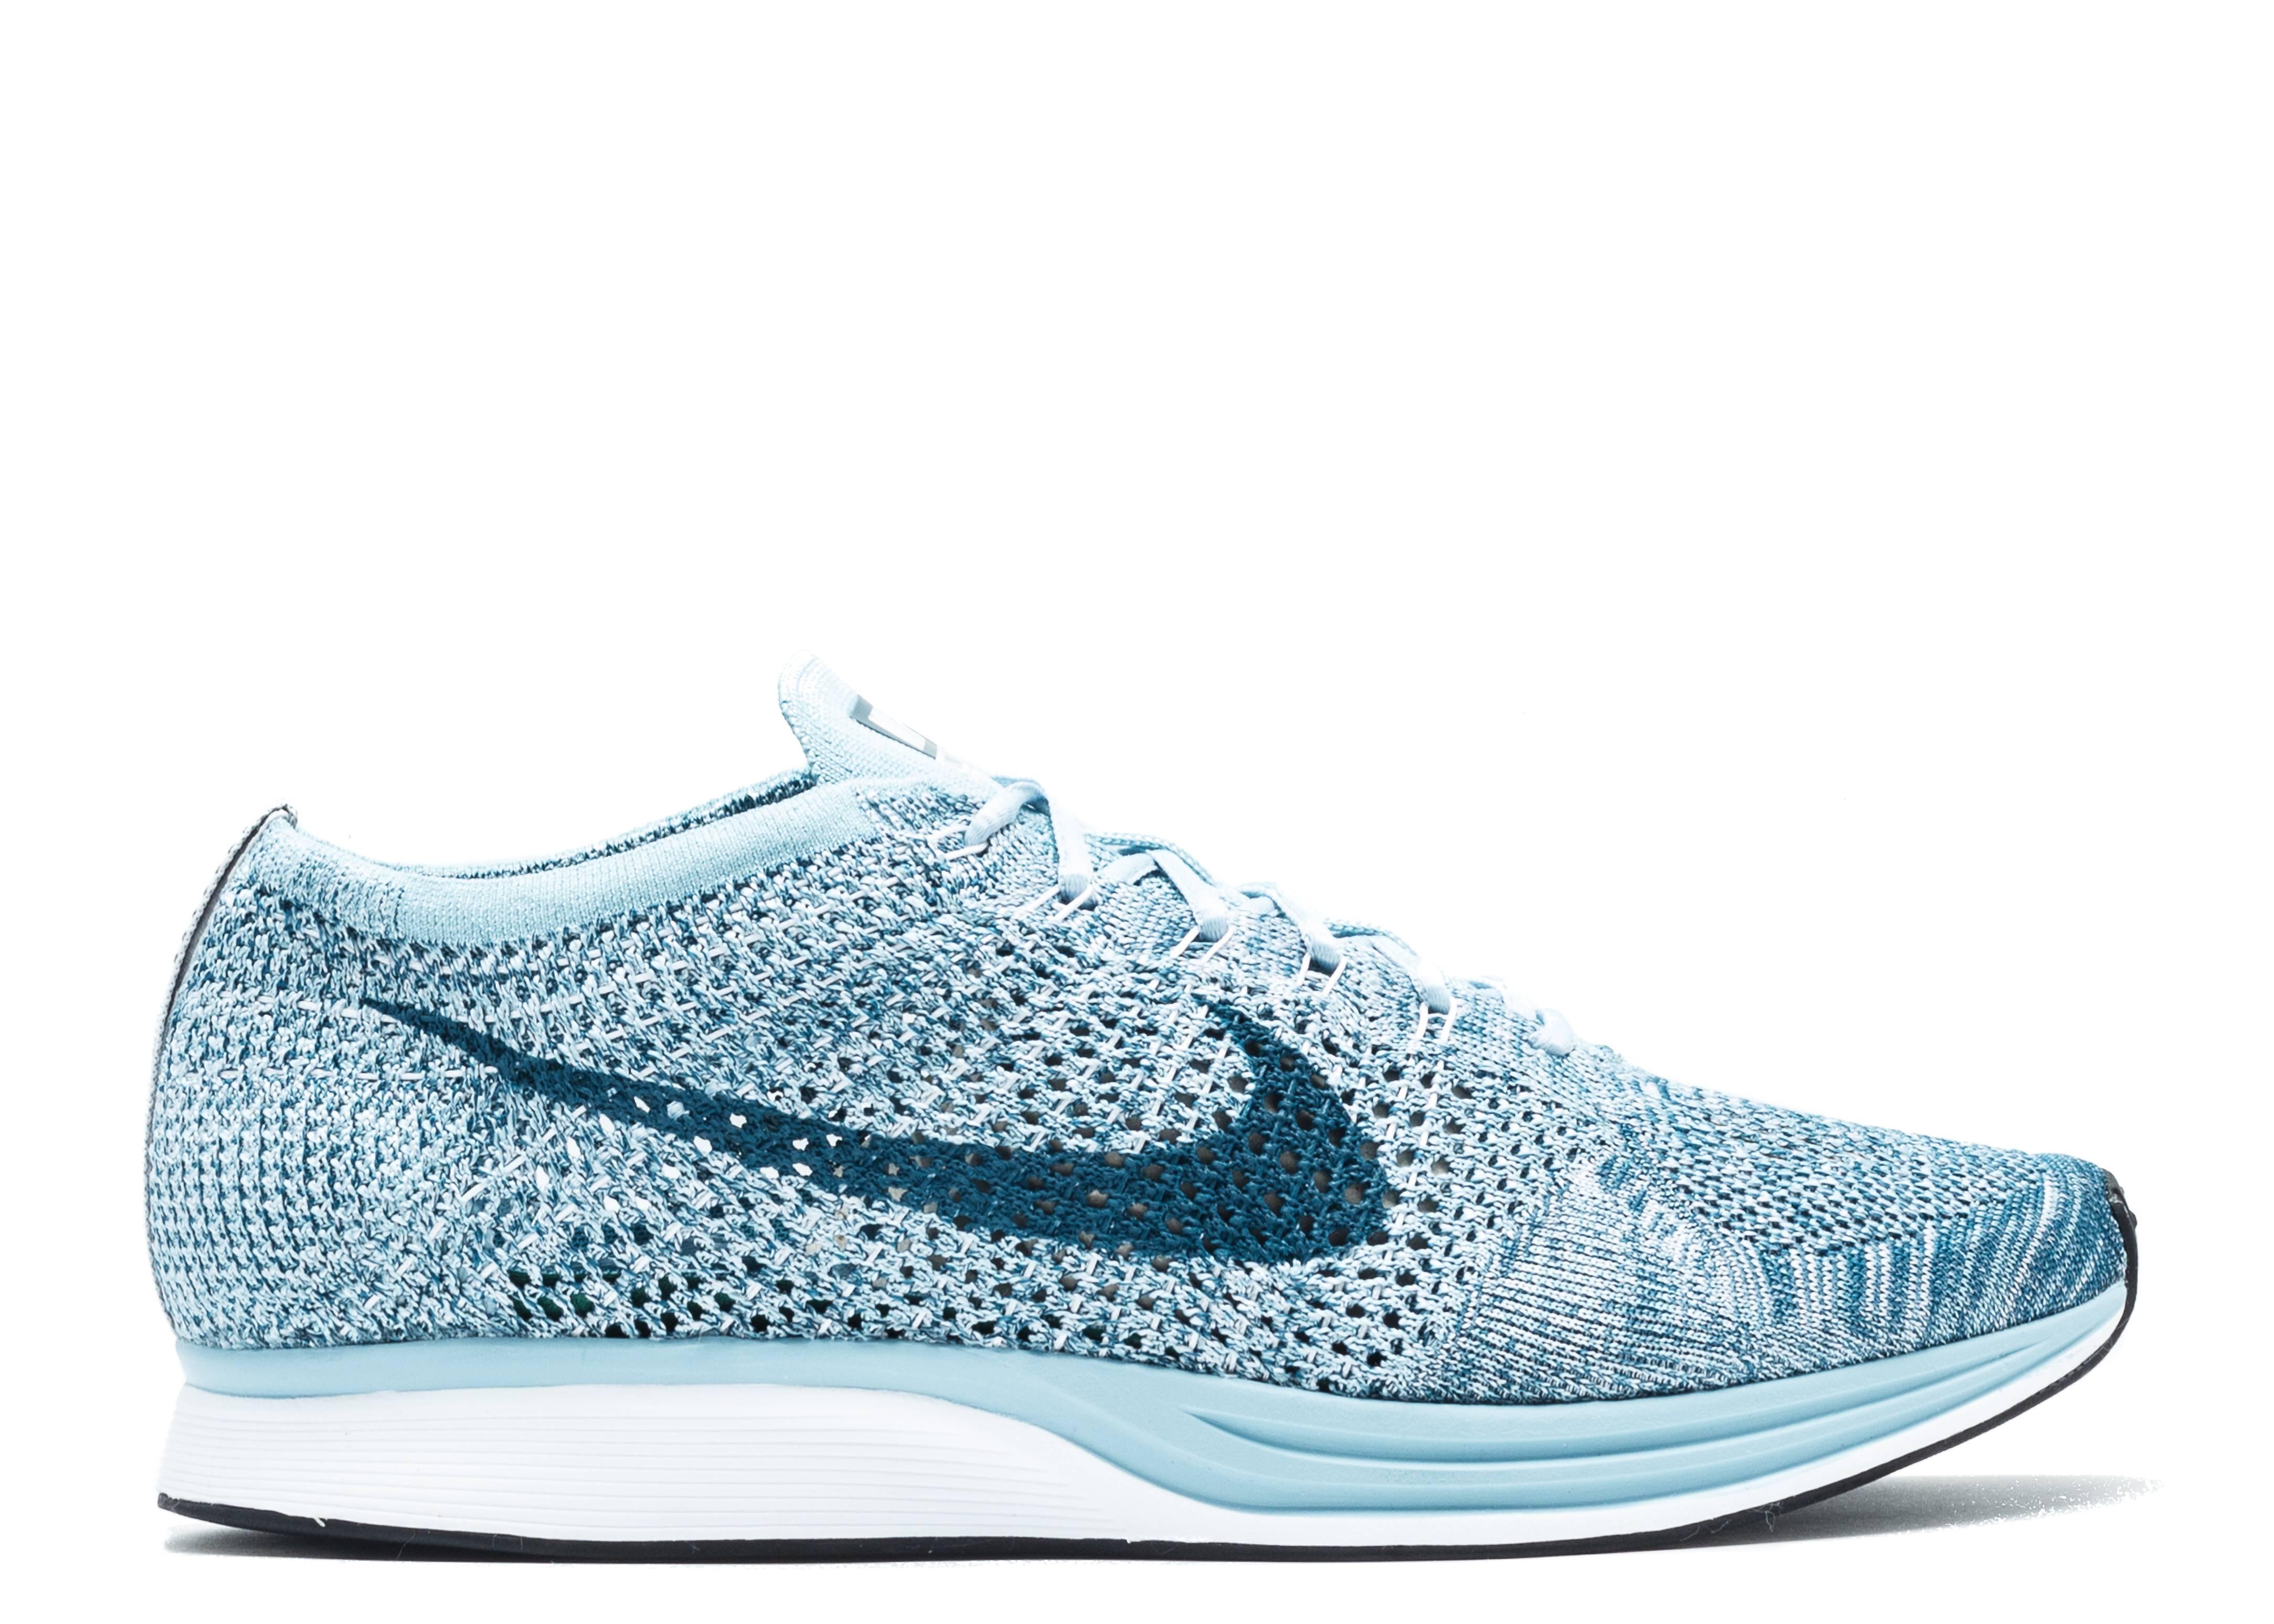 0b811f120af1a Nike Flyknit Racer - Nike - 526628 102 - white   legion blue - mica ...